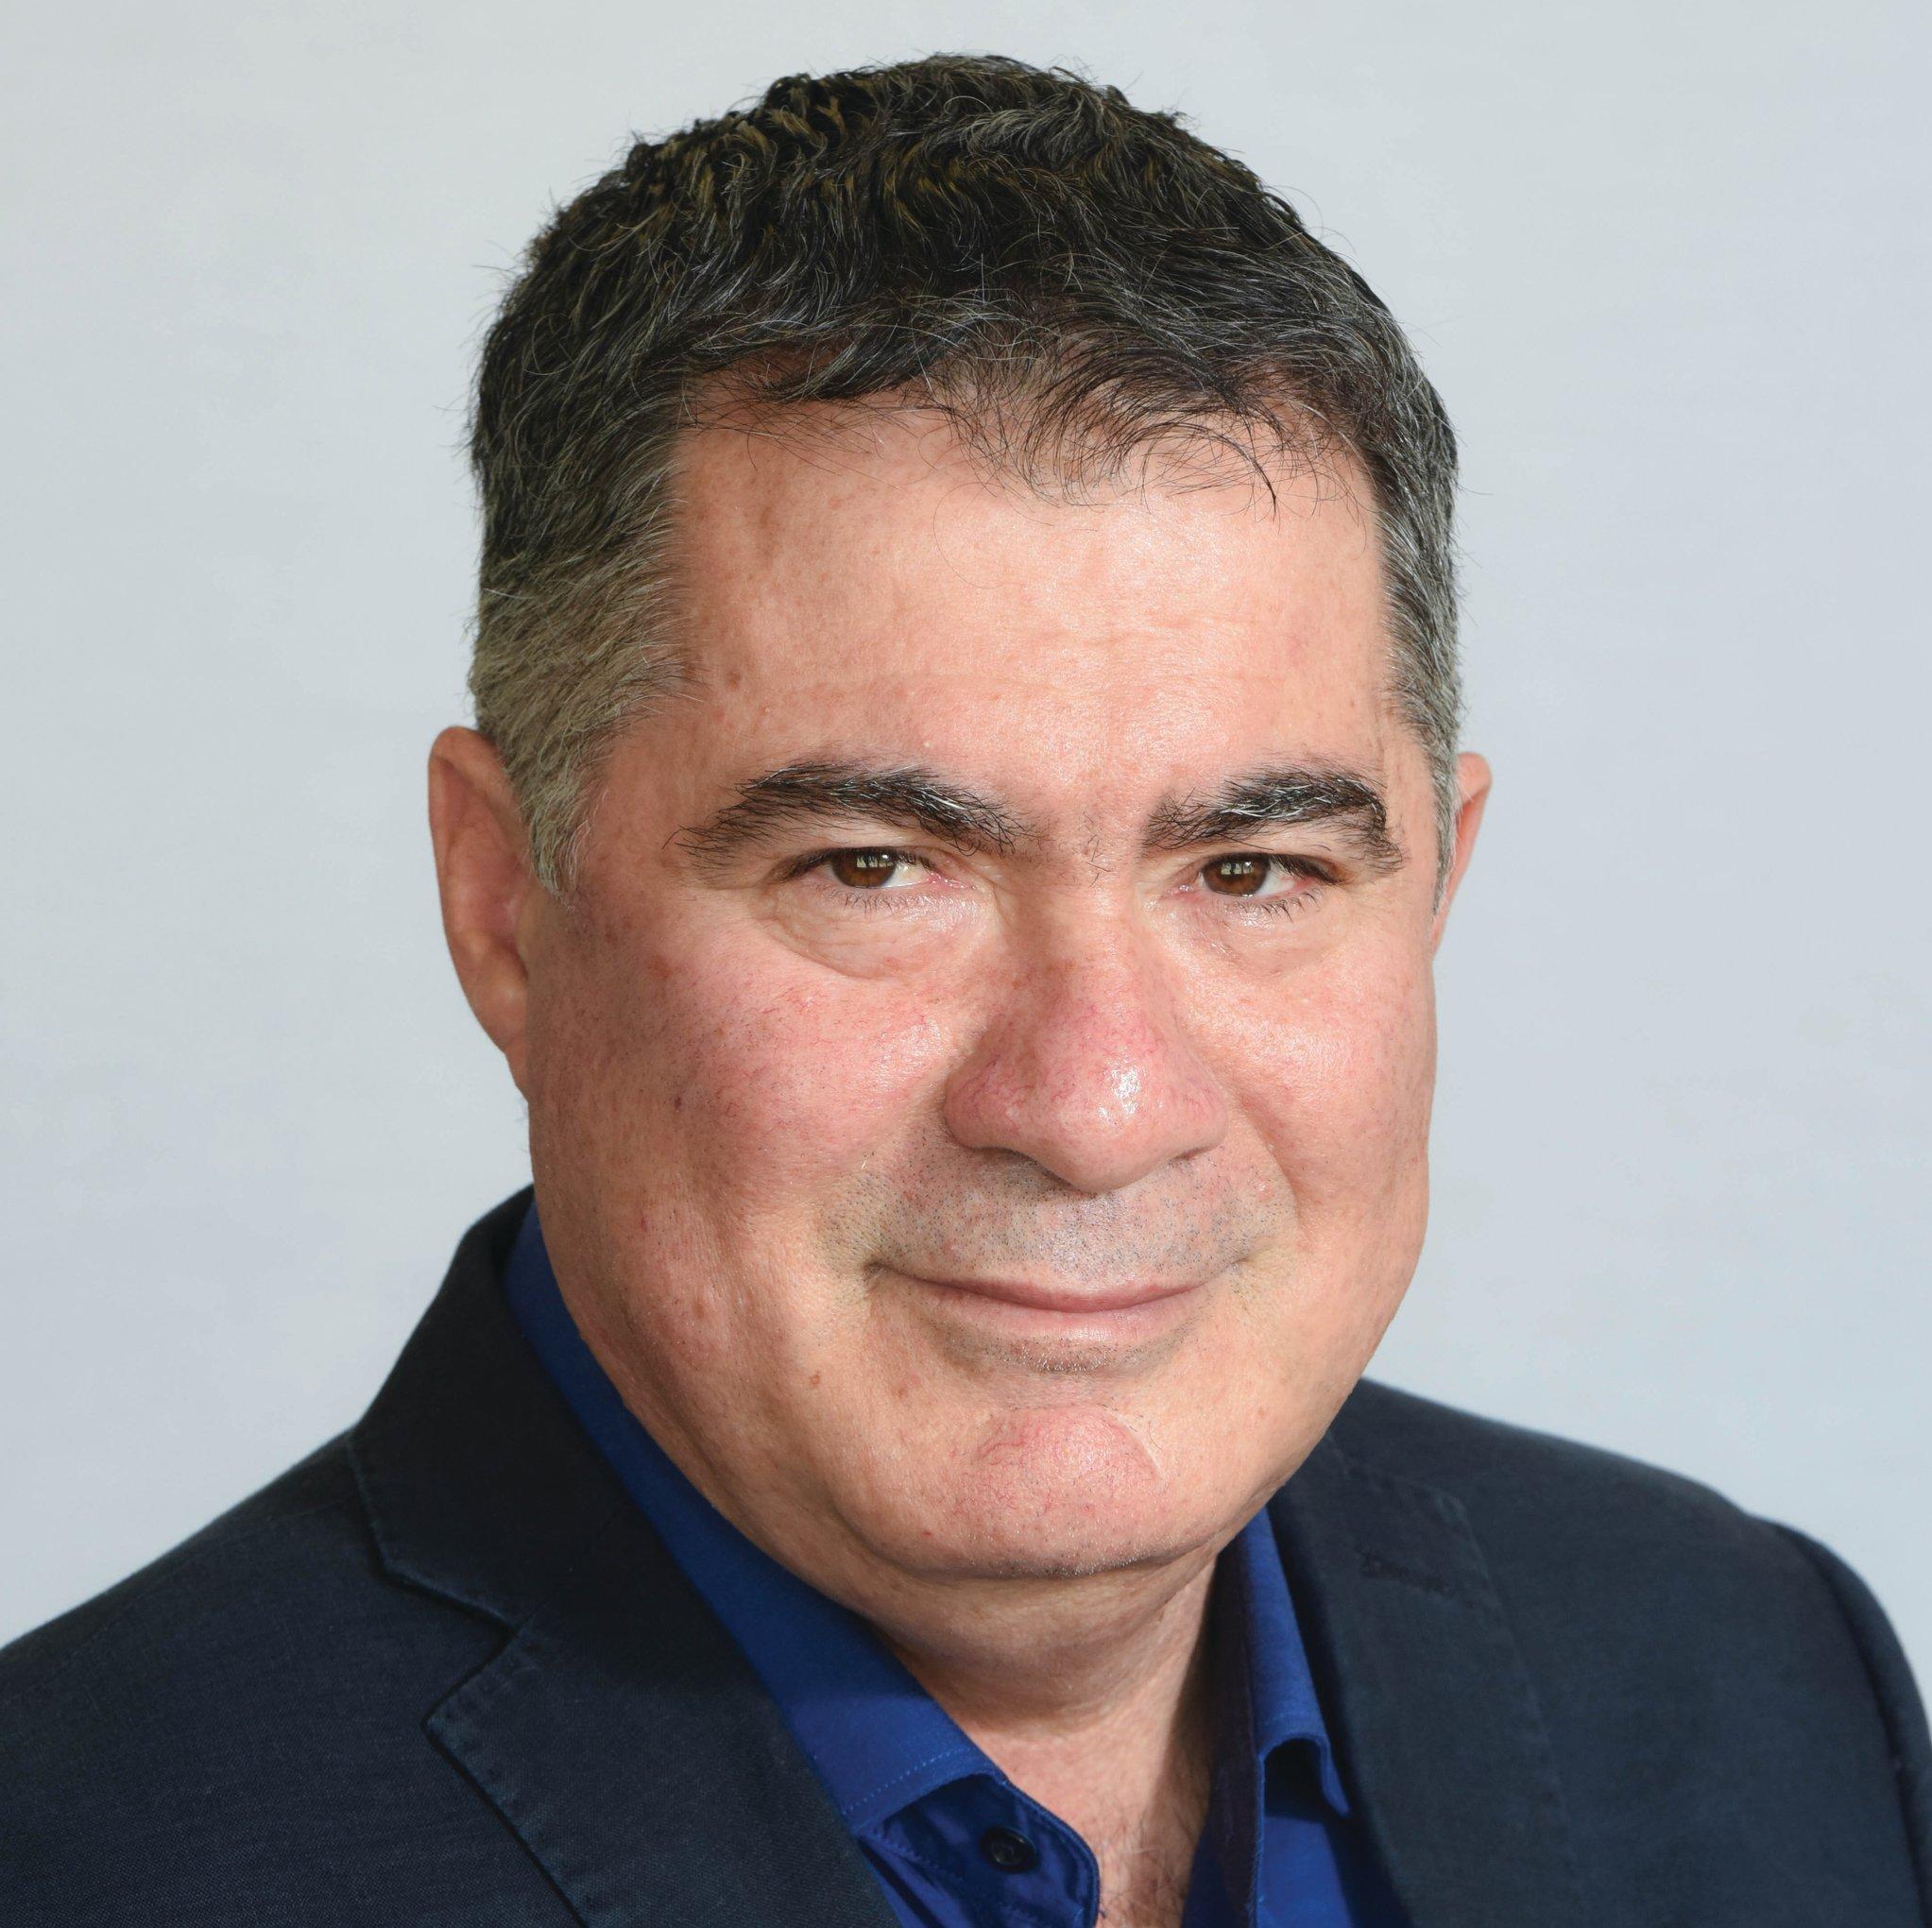 ראול סרוגו, נשיא התאחדות הקבלנים בוני הארץ ()